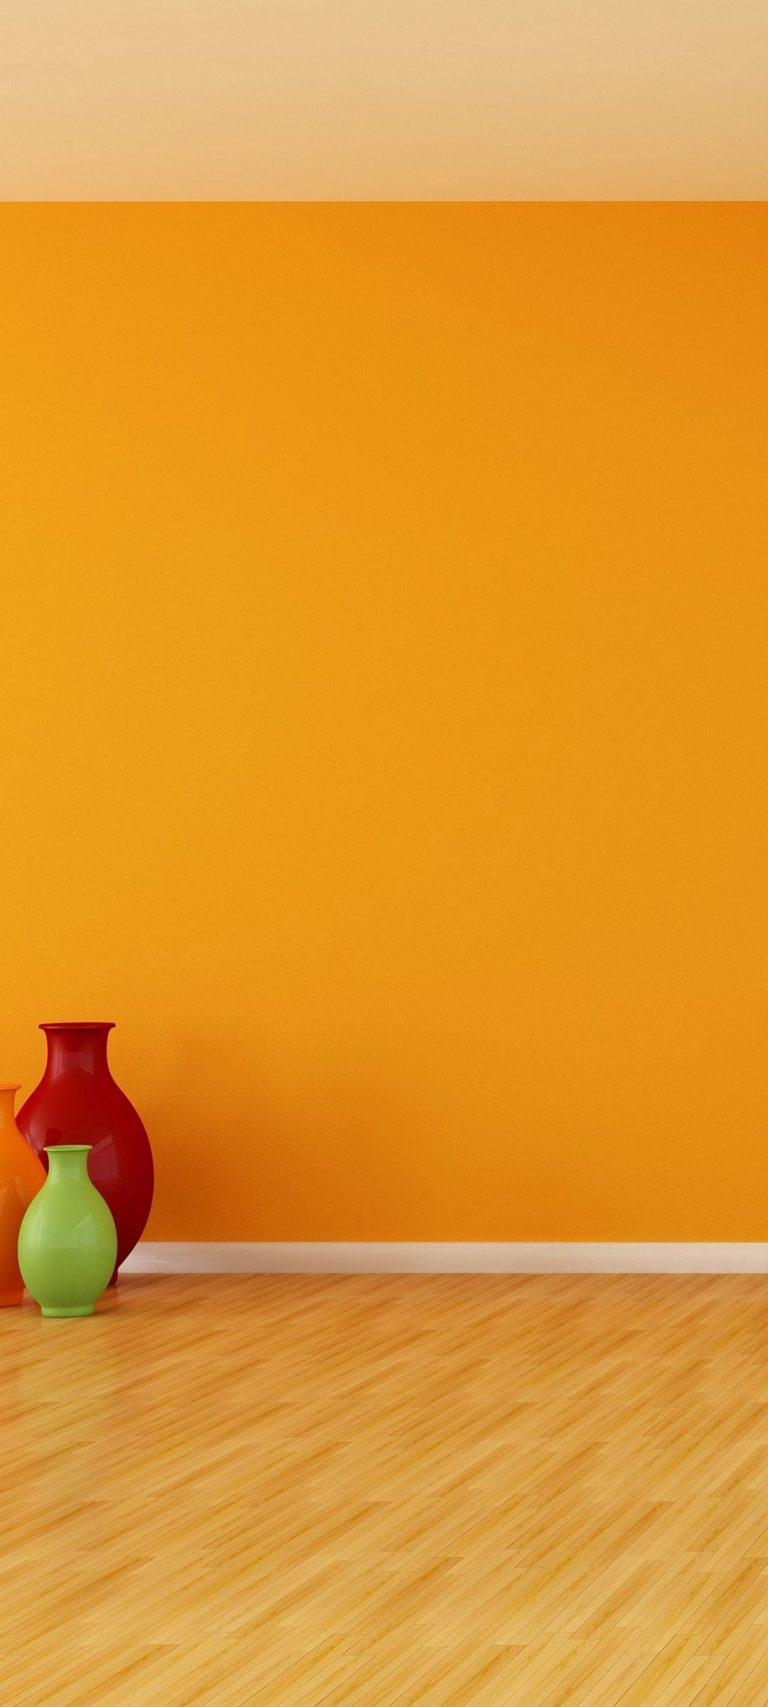 Walls Design Room Pot 1080x2400 768x1707